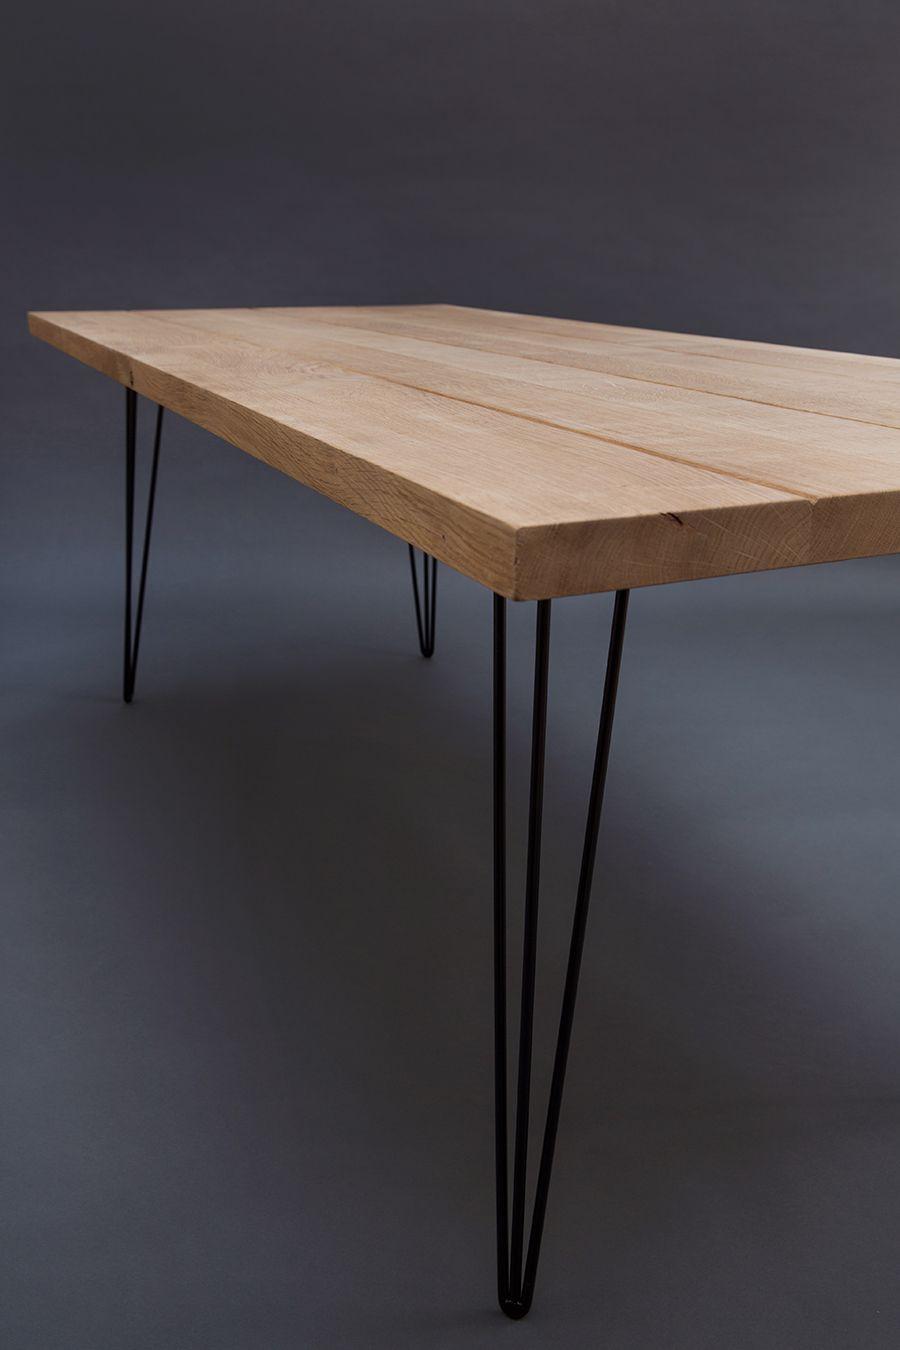 Magnifique Table En Chene Massif Avec Un Effet Vieille Planche De Ferme Chacune De Ces Planches Sont Tr Table En Chene Table Chene Massif Salle A Manger Bois